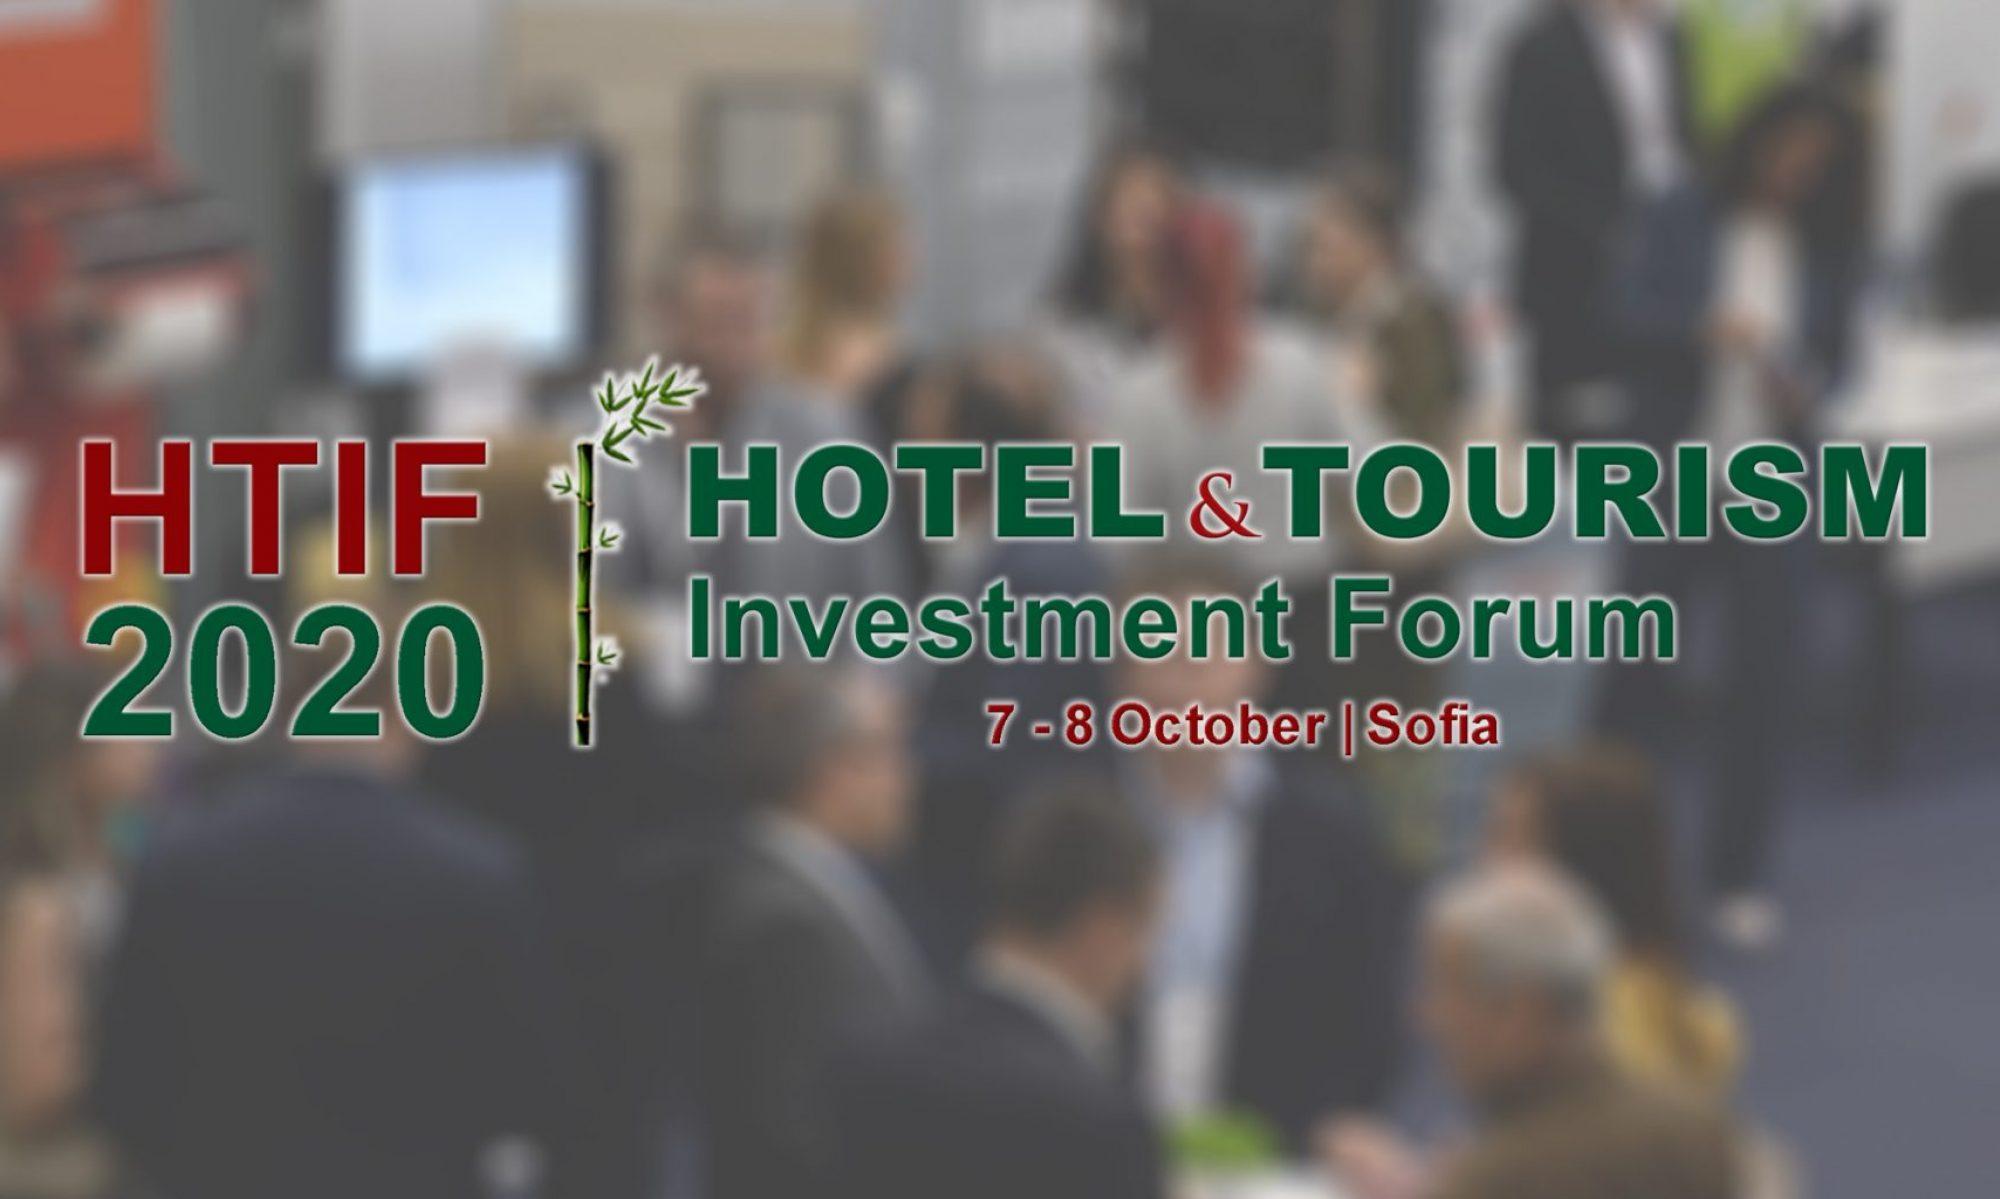 Hotel & Tourism Investment Forum